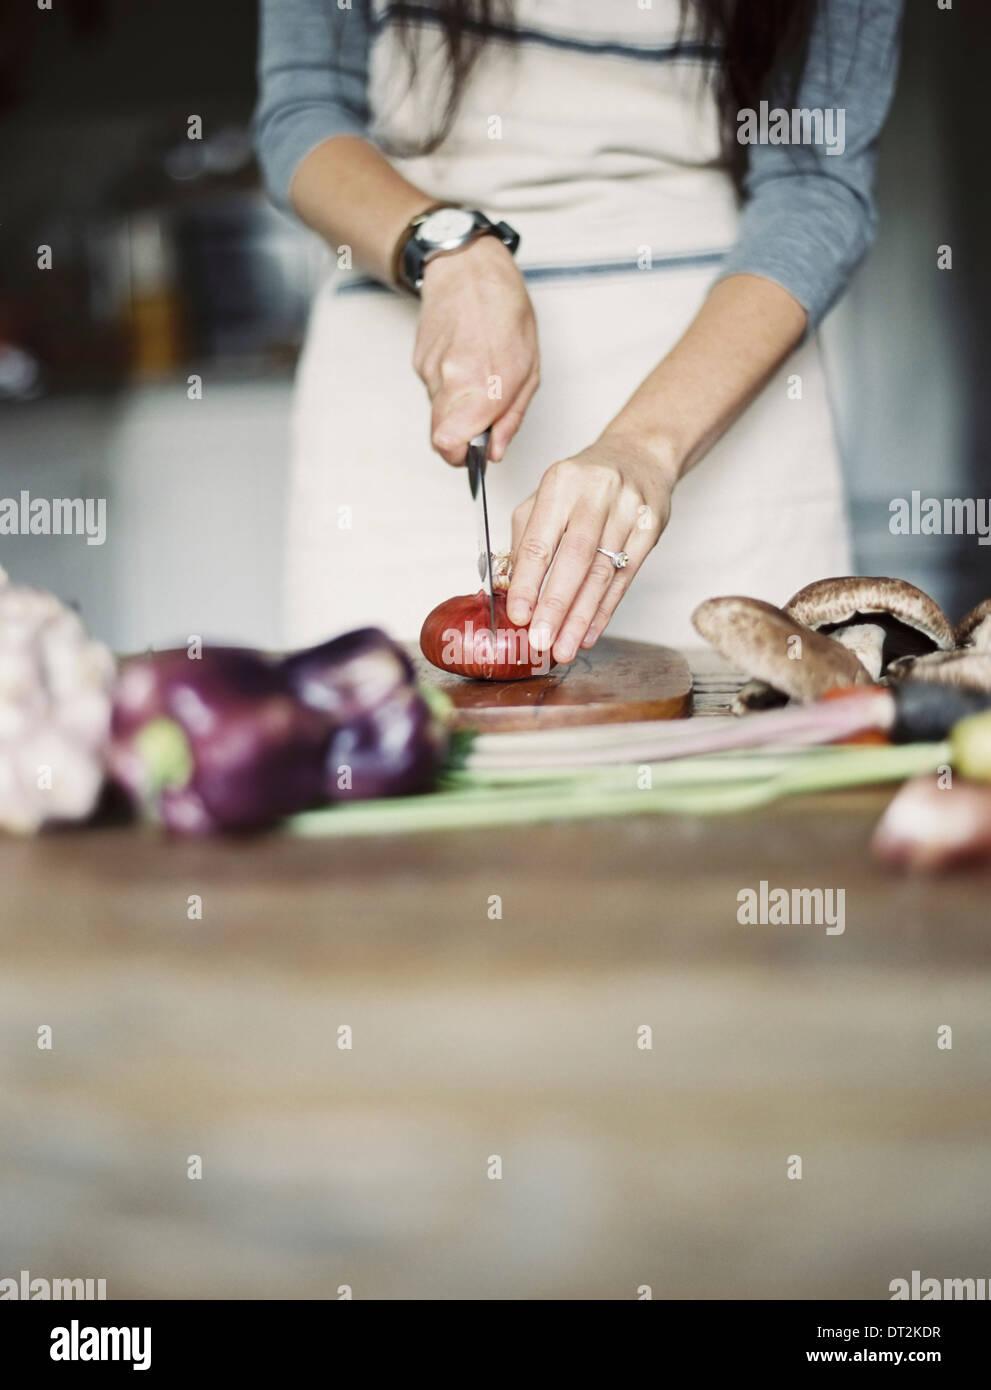 Une cuisine domestique une table top Jeune femme couper des légumes frais avec un couteau Photo Stock